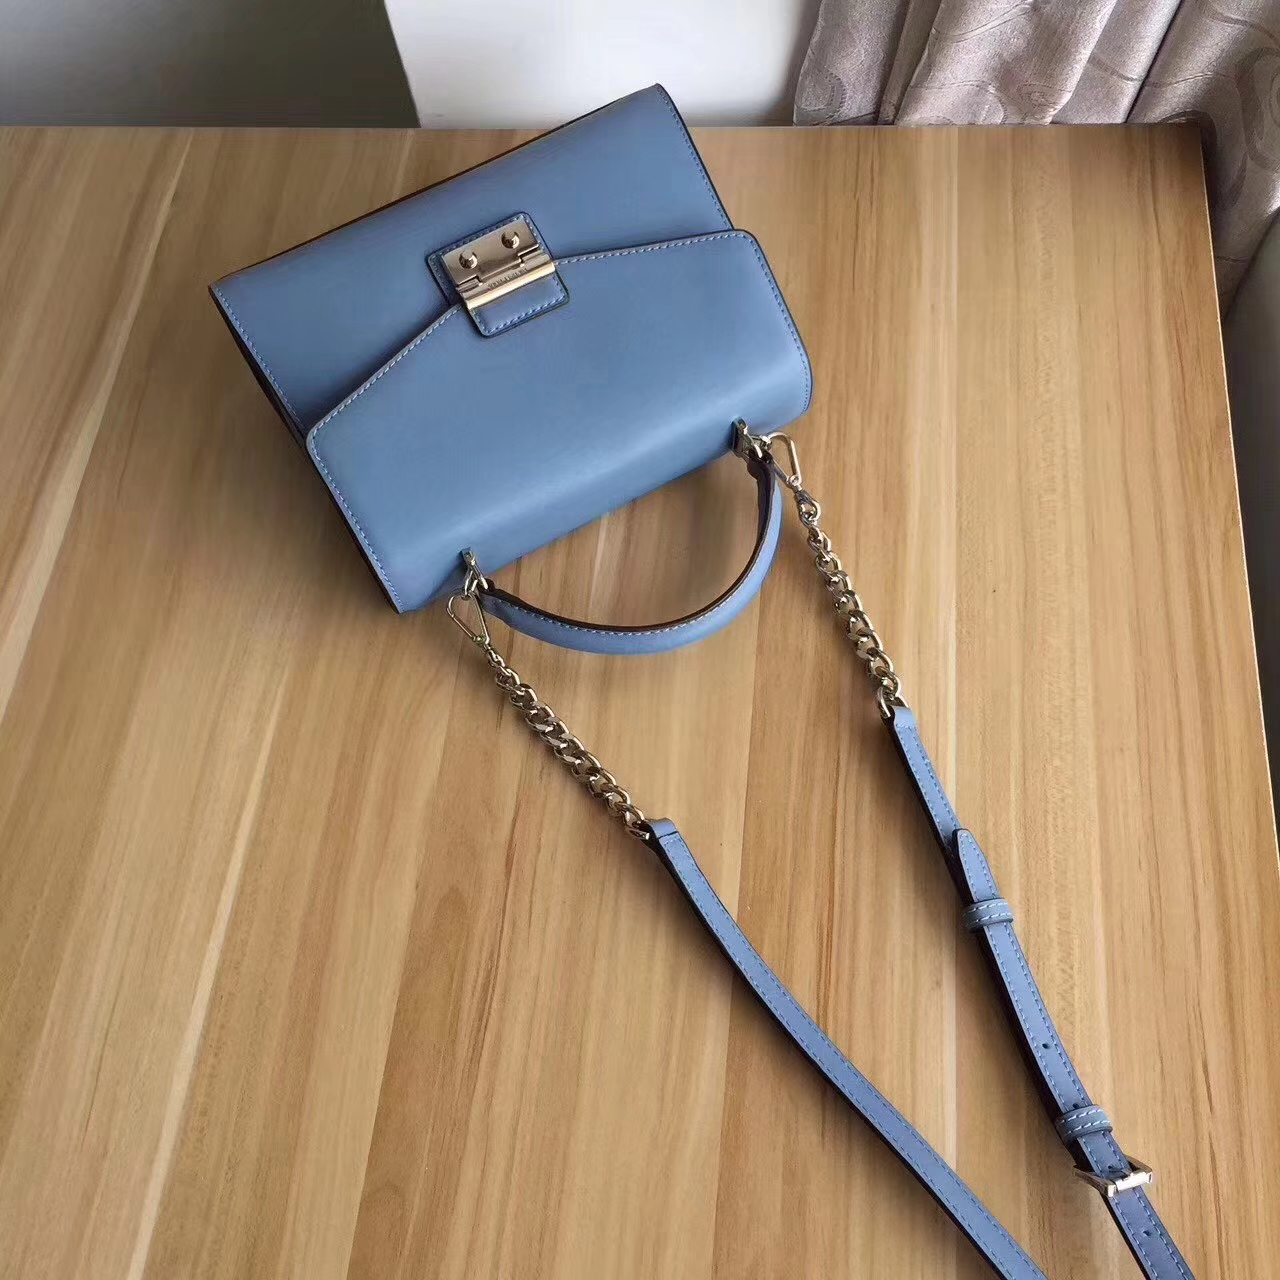 MK2017年新款女包 迈克科尔斯车菊蓝色纳帕牛皮手提包链条单肩包24cm